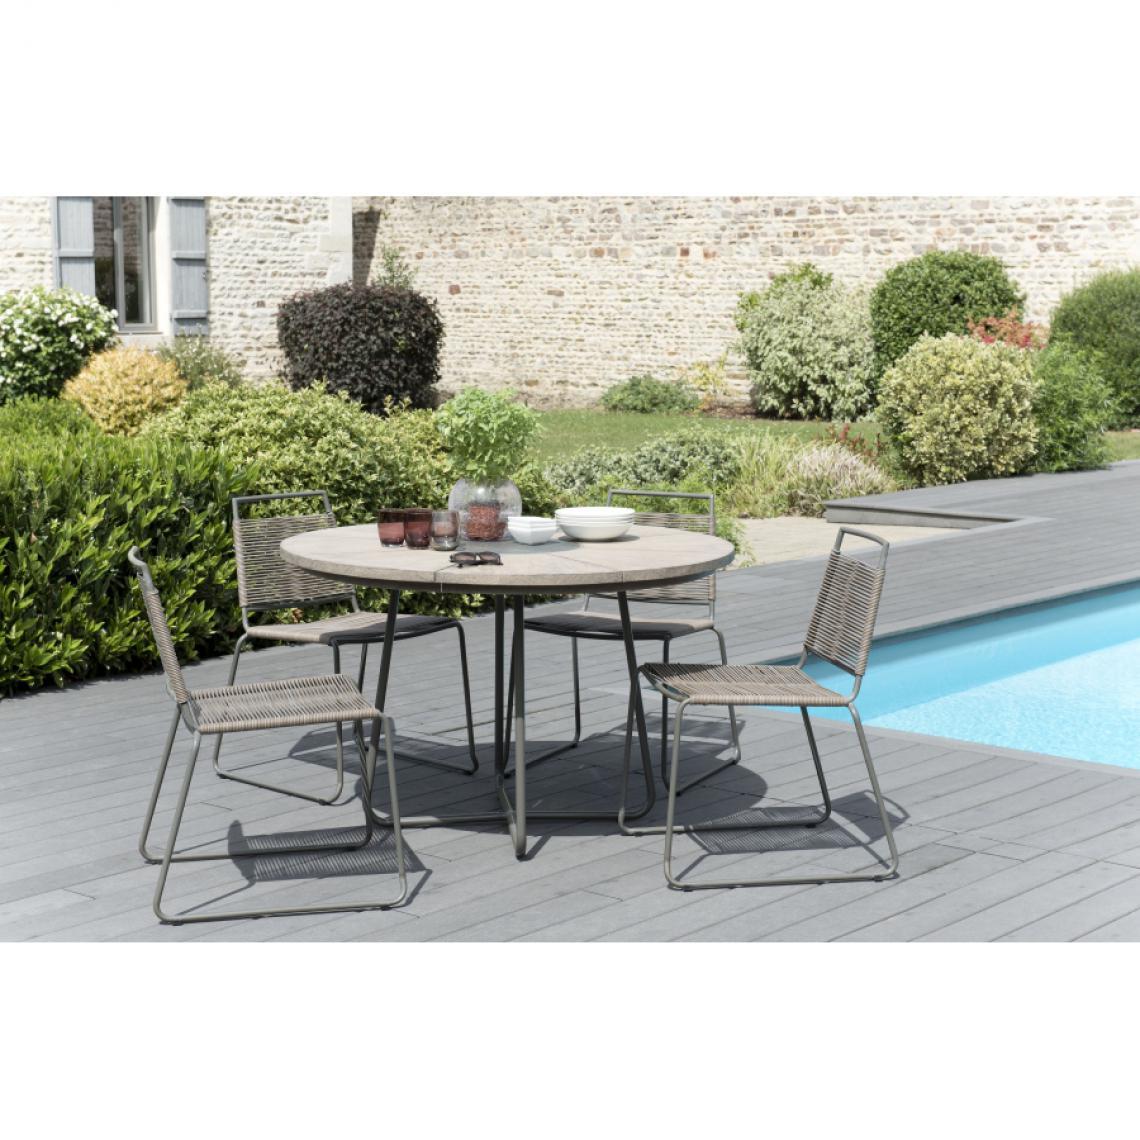 salon de jardin en bois teck grise 4 6 pers ensemble de jardin 1 table ronde 120 cm et 4 chaises empilables